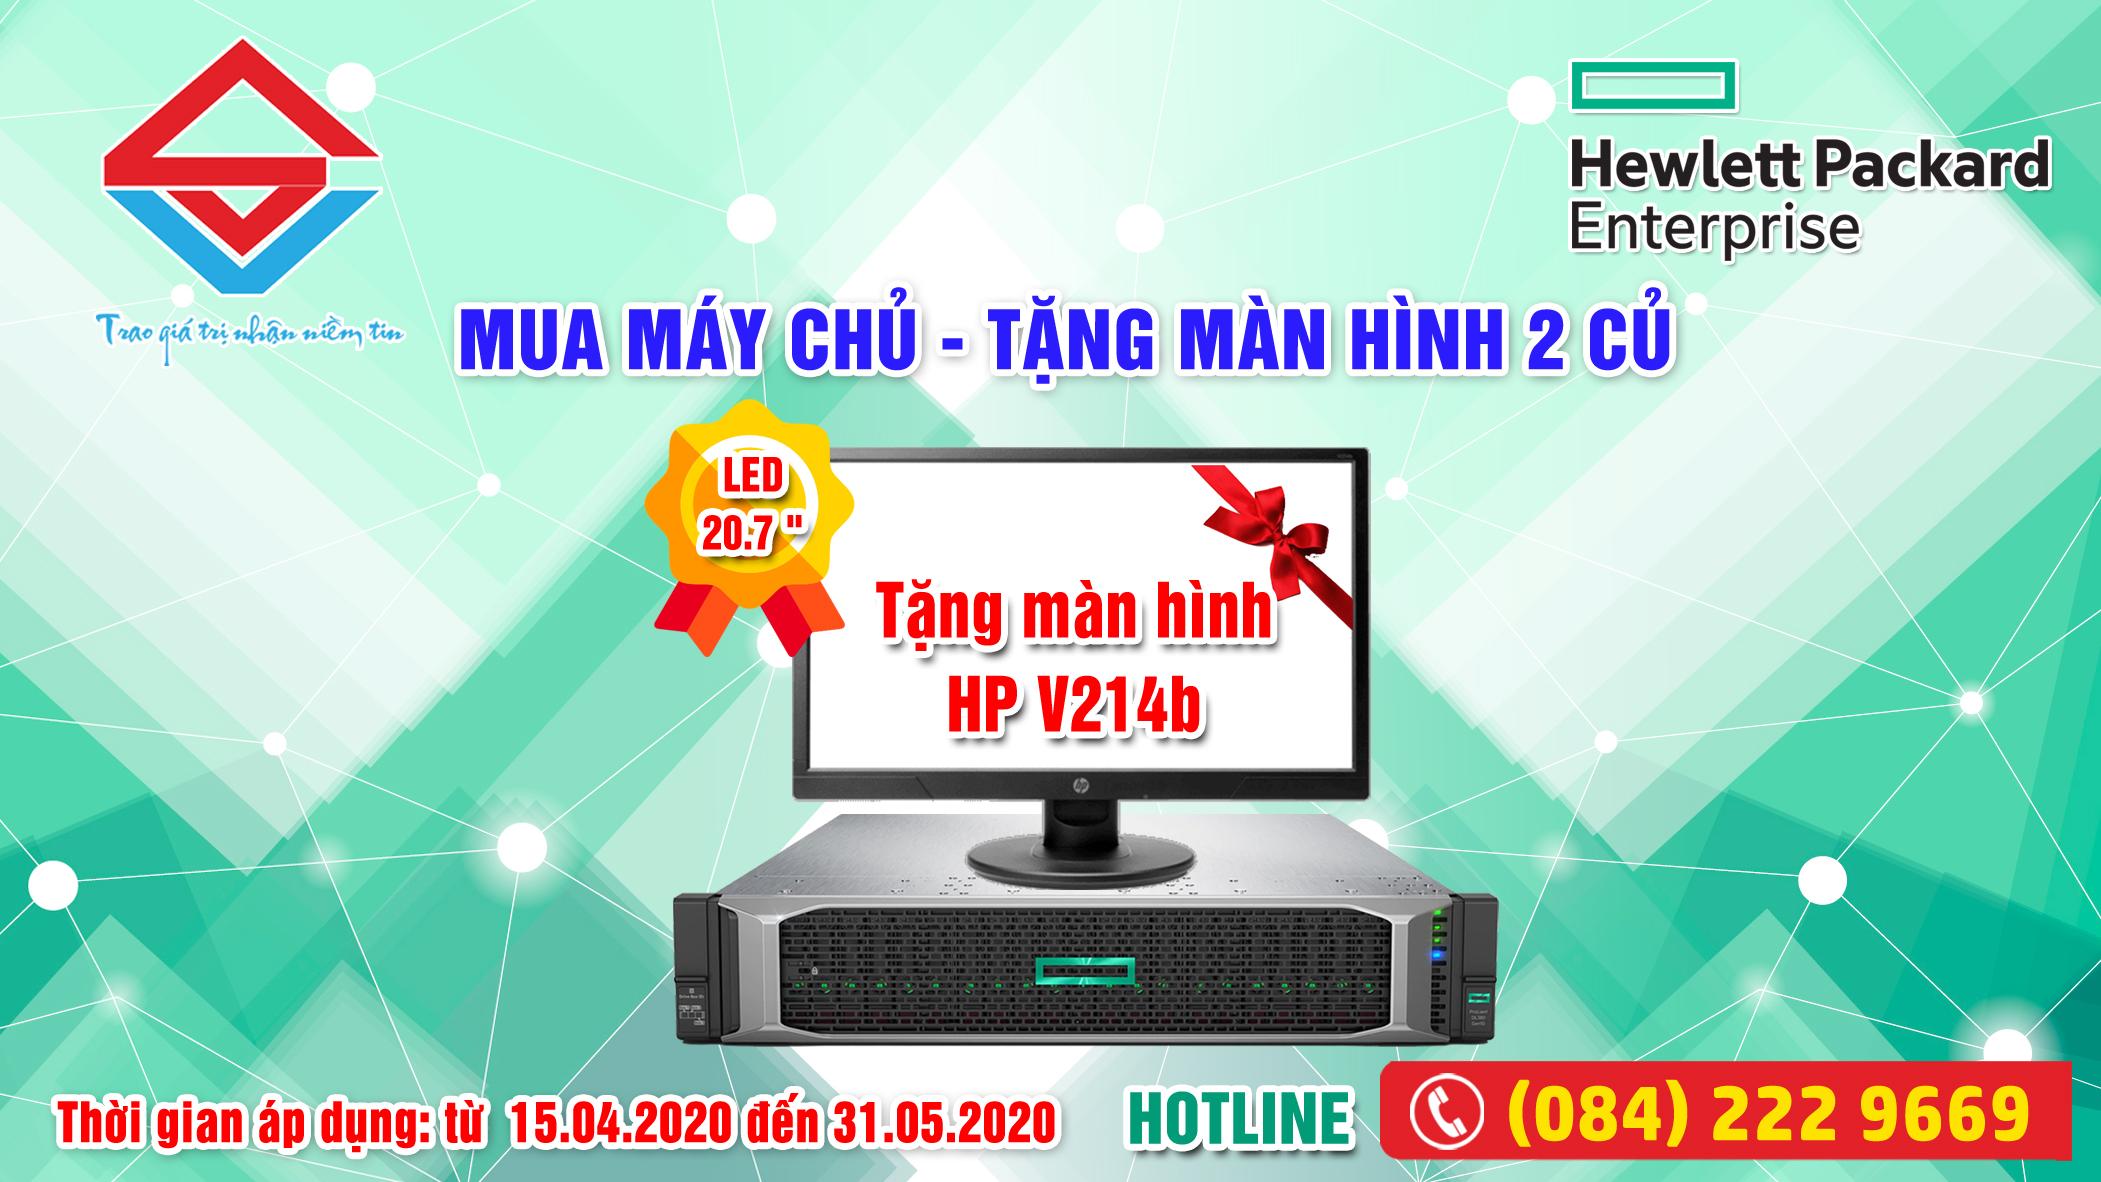 Máy chủ HPE ProLiant DL380 liên tục đứng đầu trong danh sách những dòng máy chủ bán chạy nhất trên thế giới